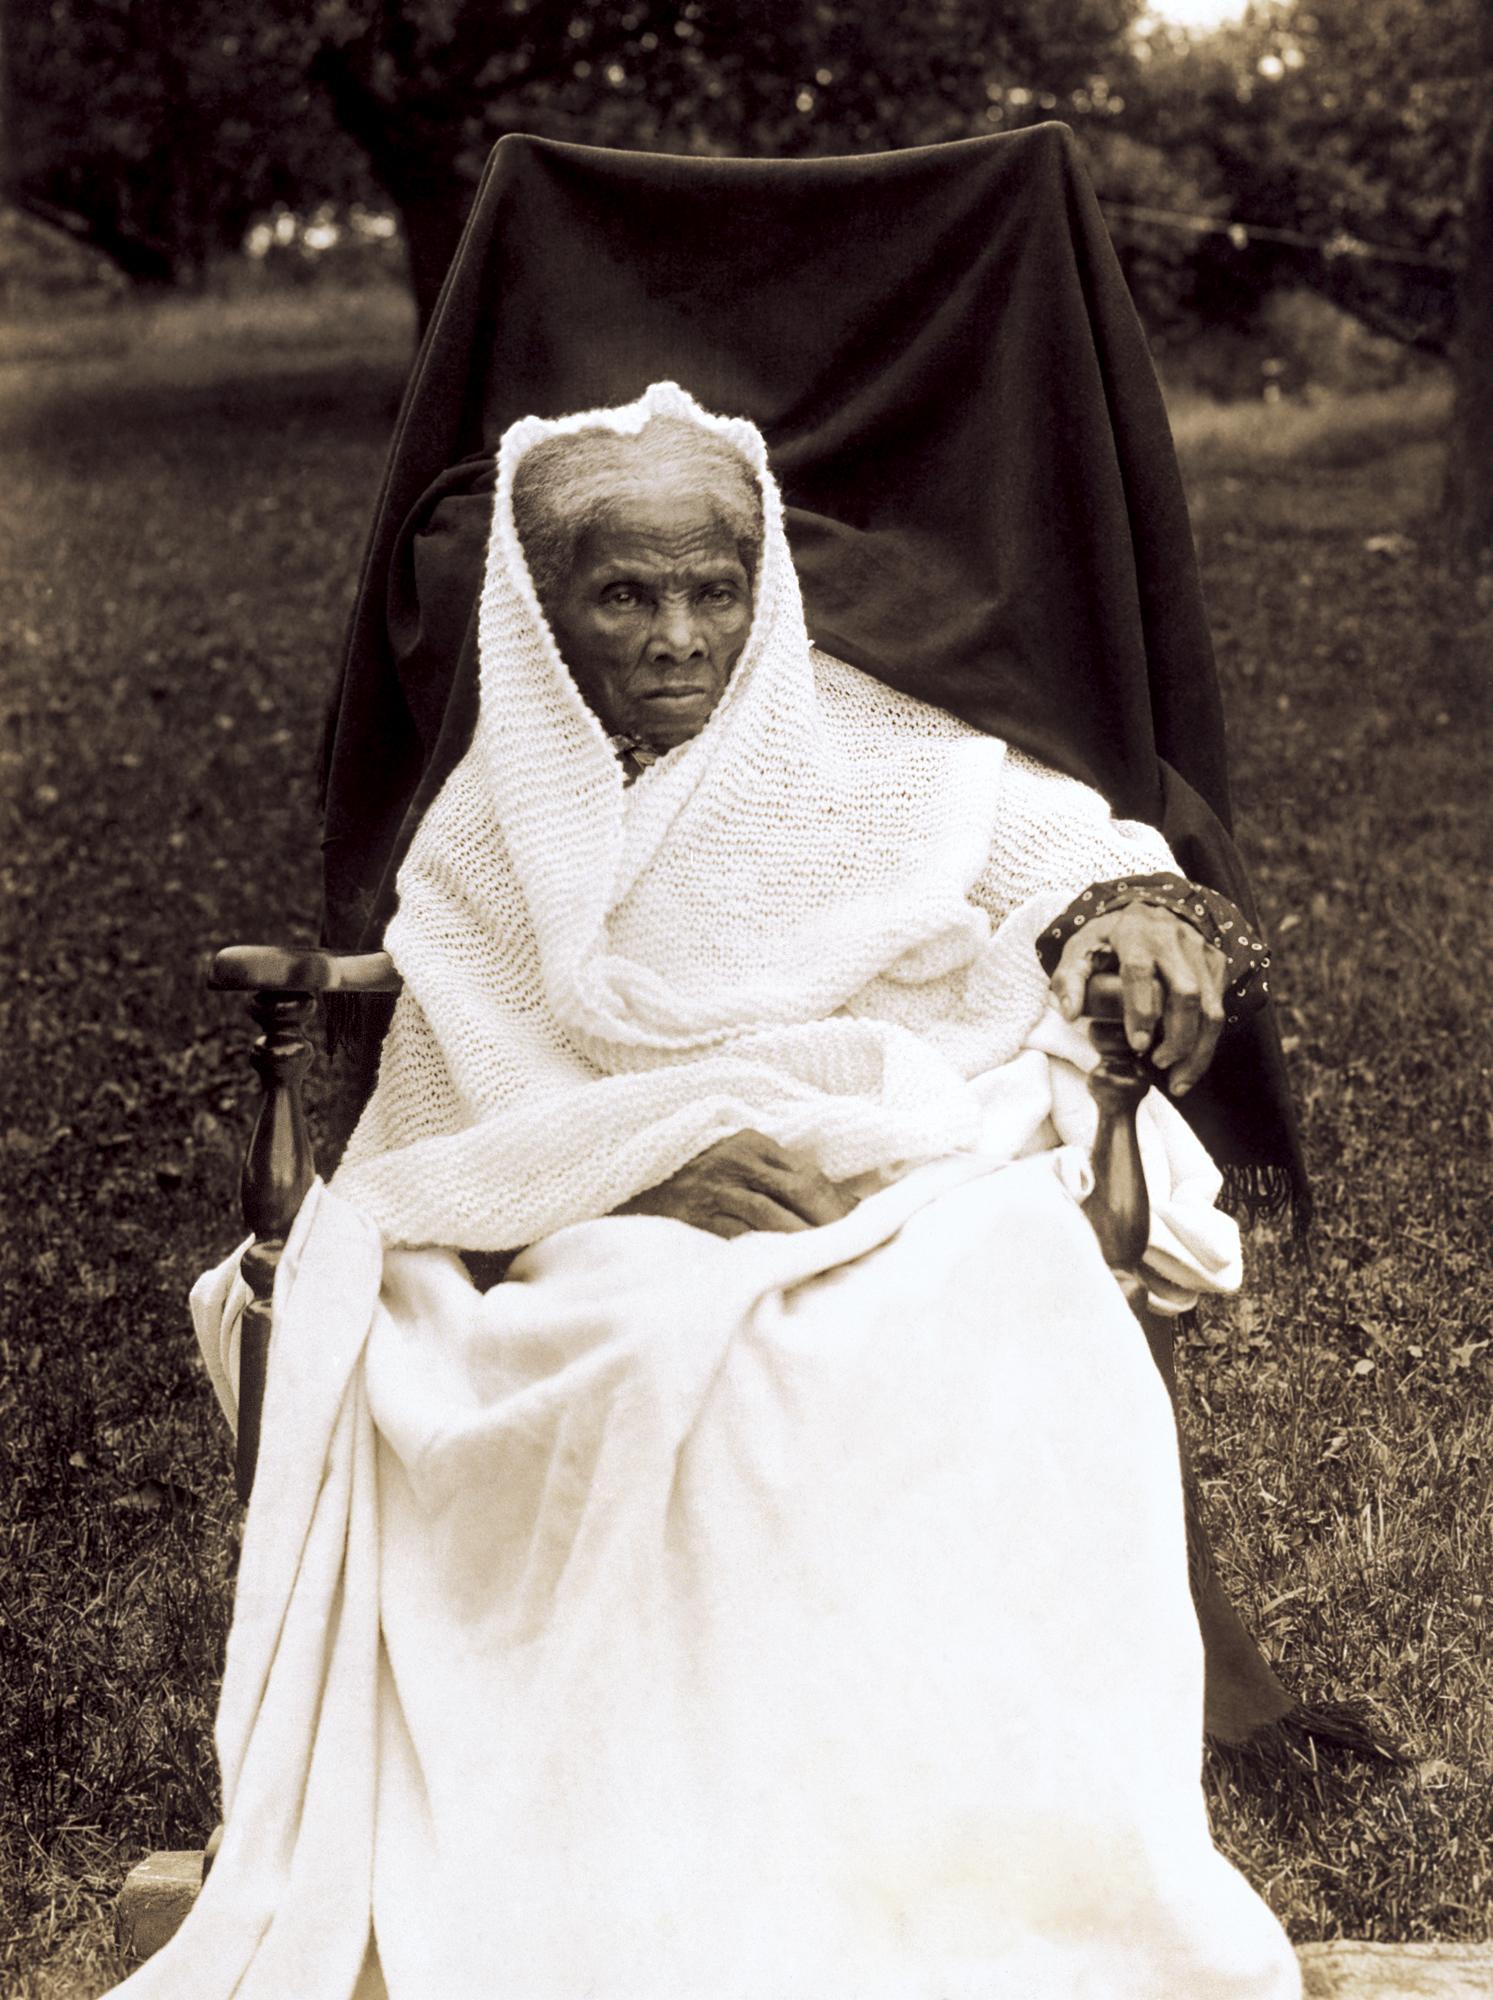 H. Tubman, Ancestor (1911)